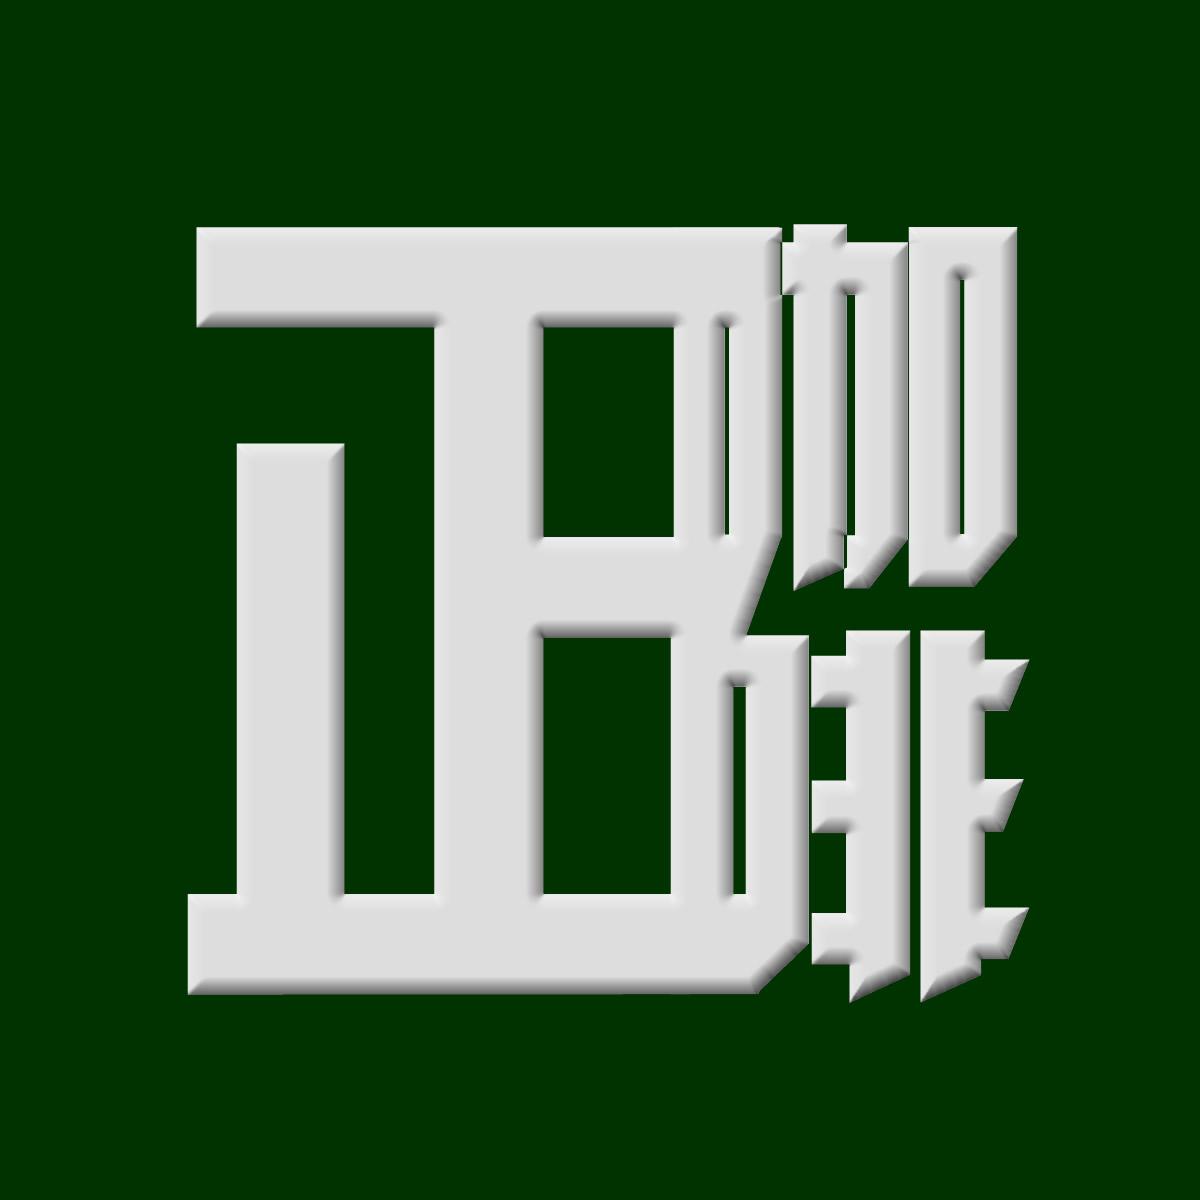 微信方形logo矢量图